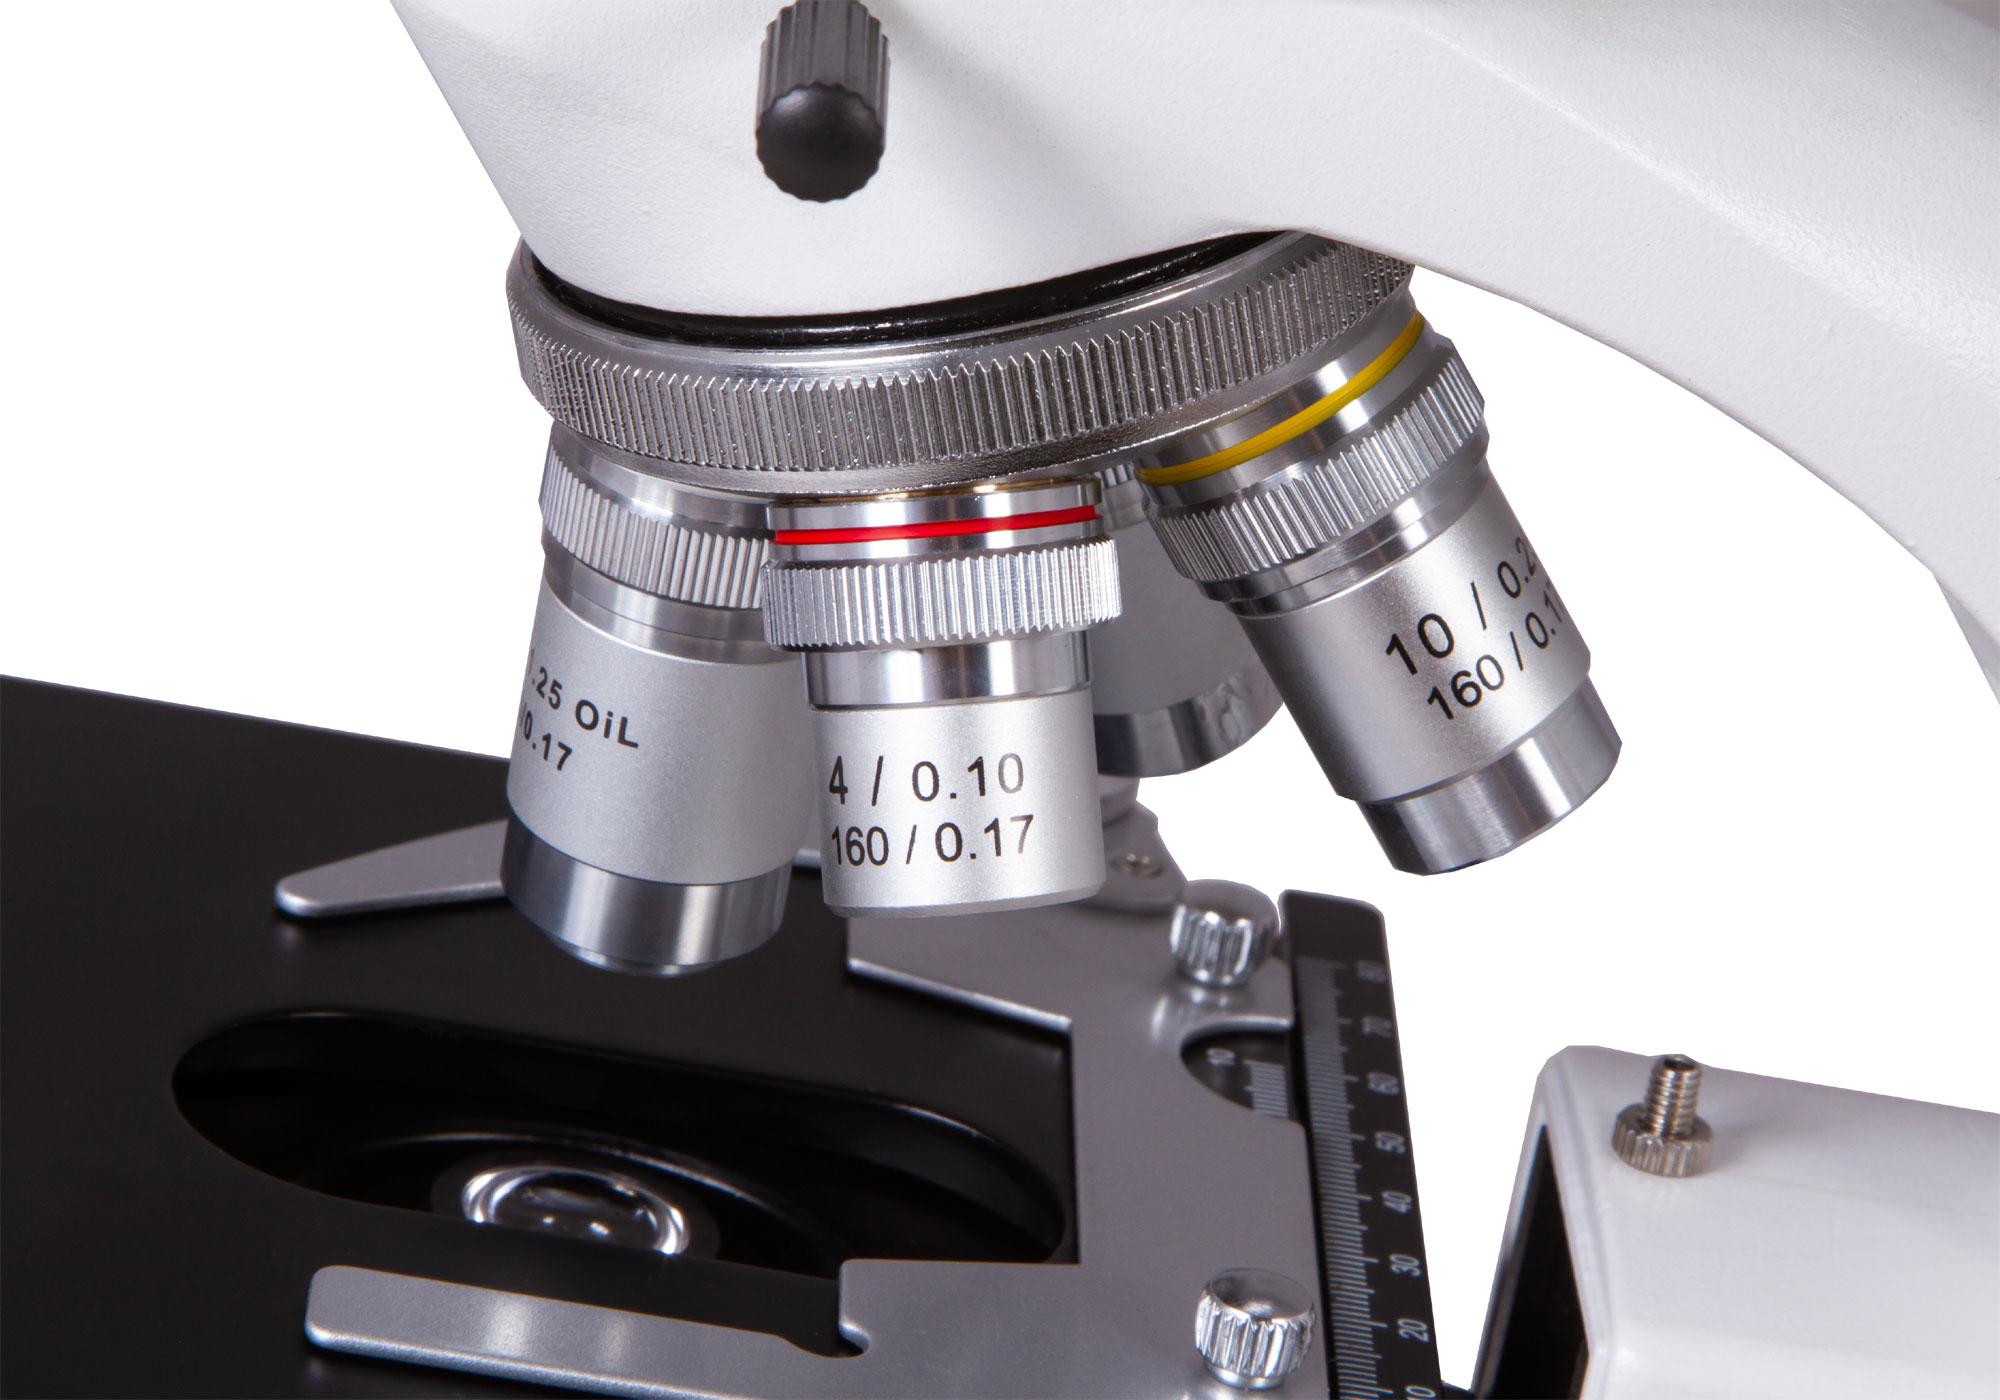 как из фотоаппарата собрать микроскоп подходящий